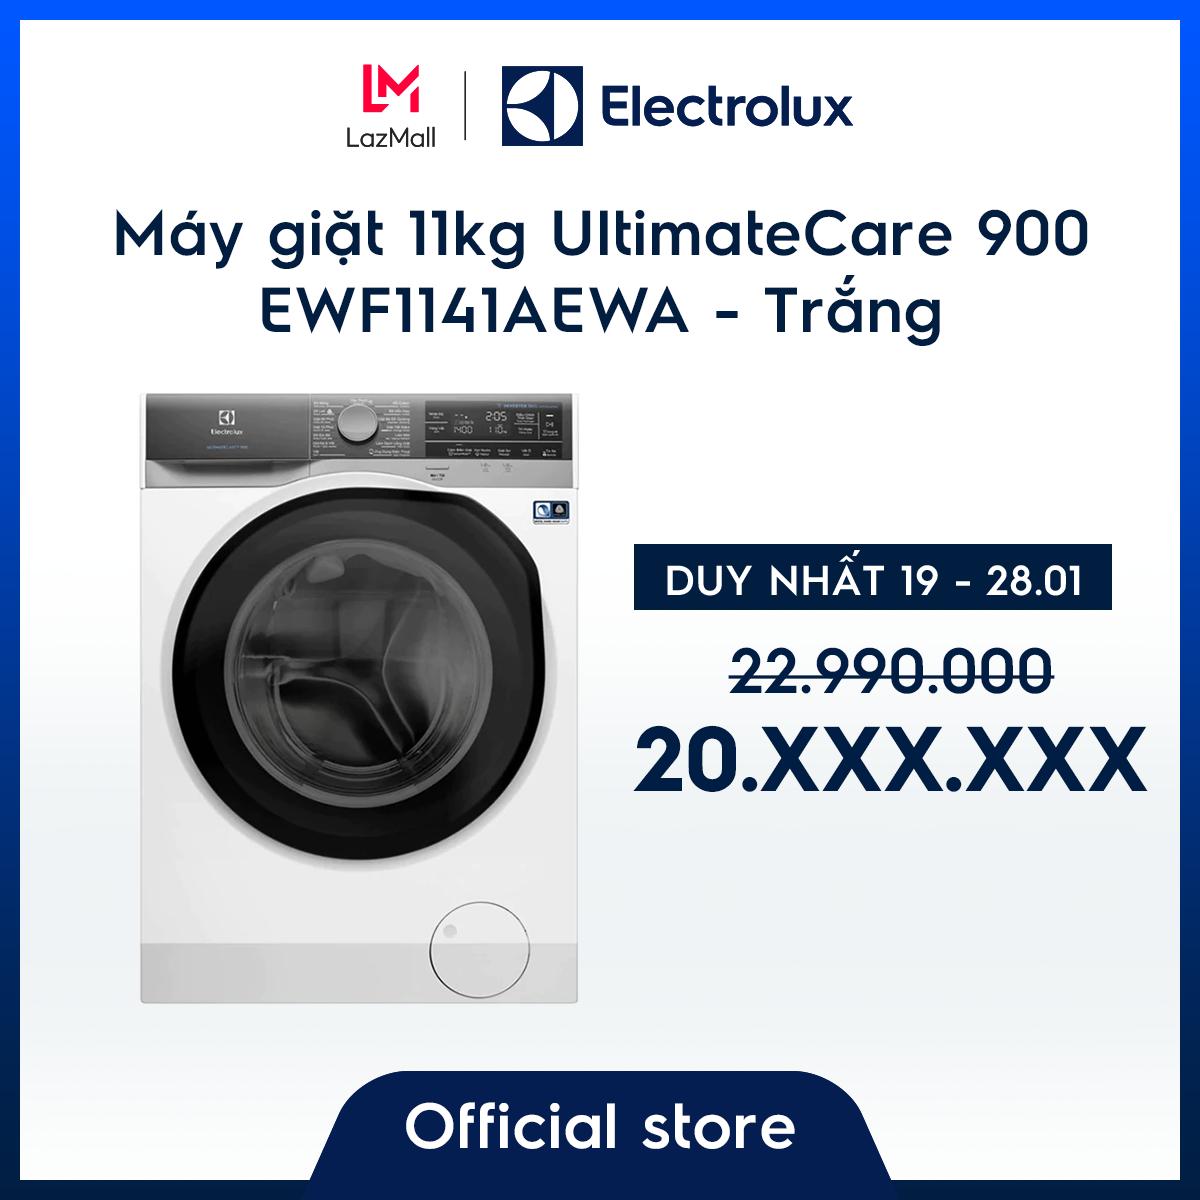 [Miễn phí công lắp đặt] Máy giặt 11kg Electrolux EWF1141AEWA – Dòng cao cấp nhất -Thiết kế châu Âu – Chăm sóc tối ưu quần áo – Hàng chính hãng